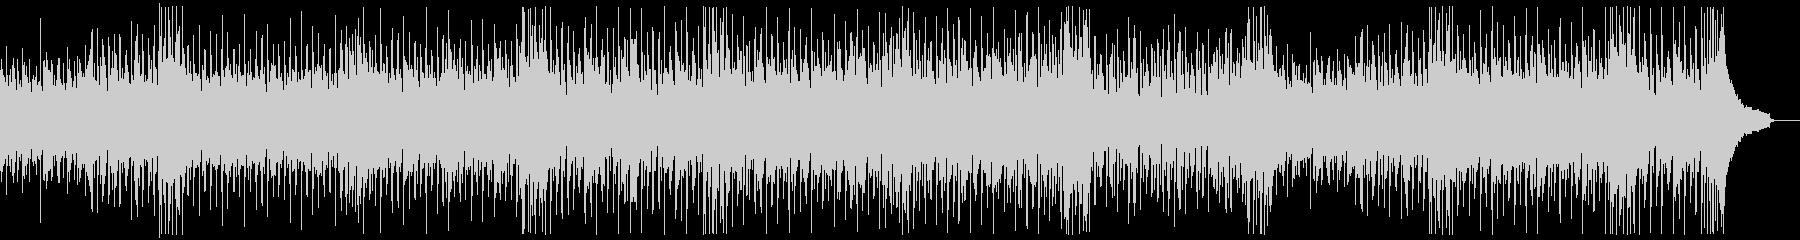 ファンキーイベントオープニング:ギター抜の未再生の波形